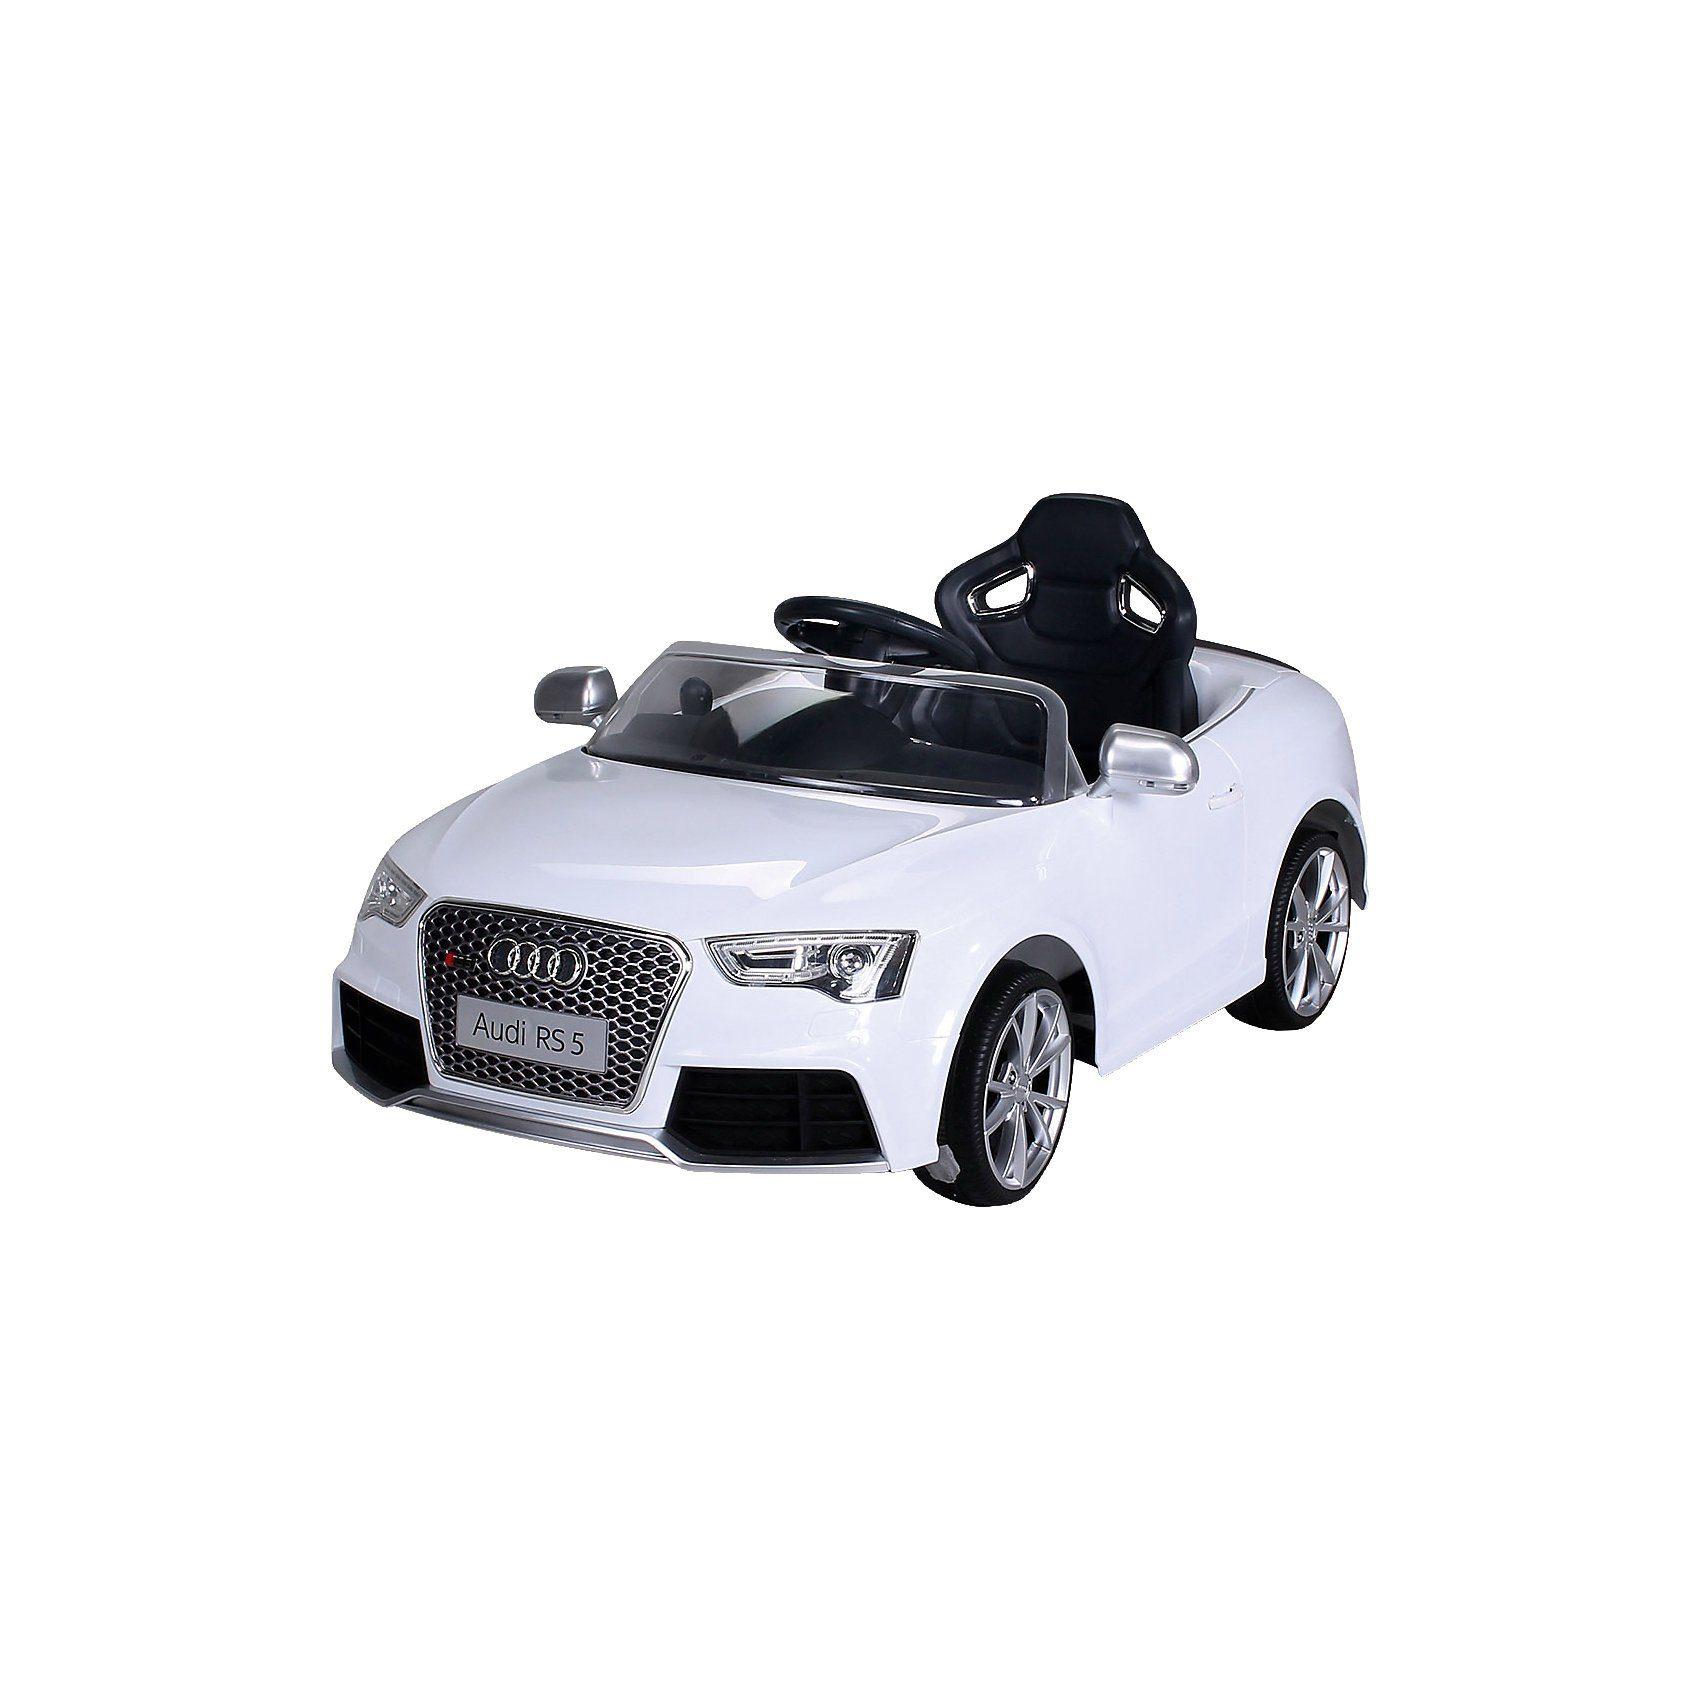 Kinder Elektroauto Audi RS5 Lizenziert, weiß